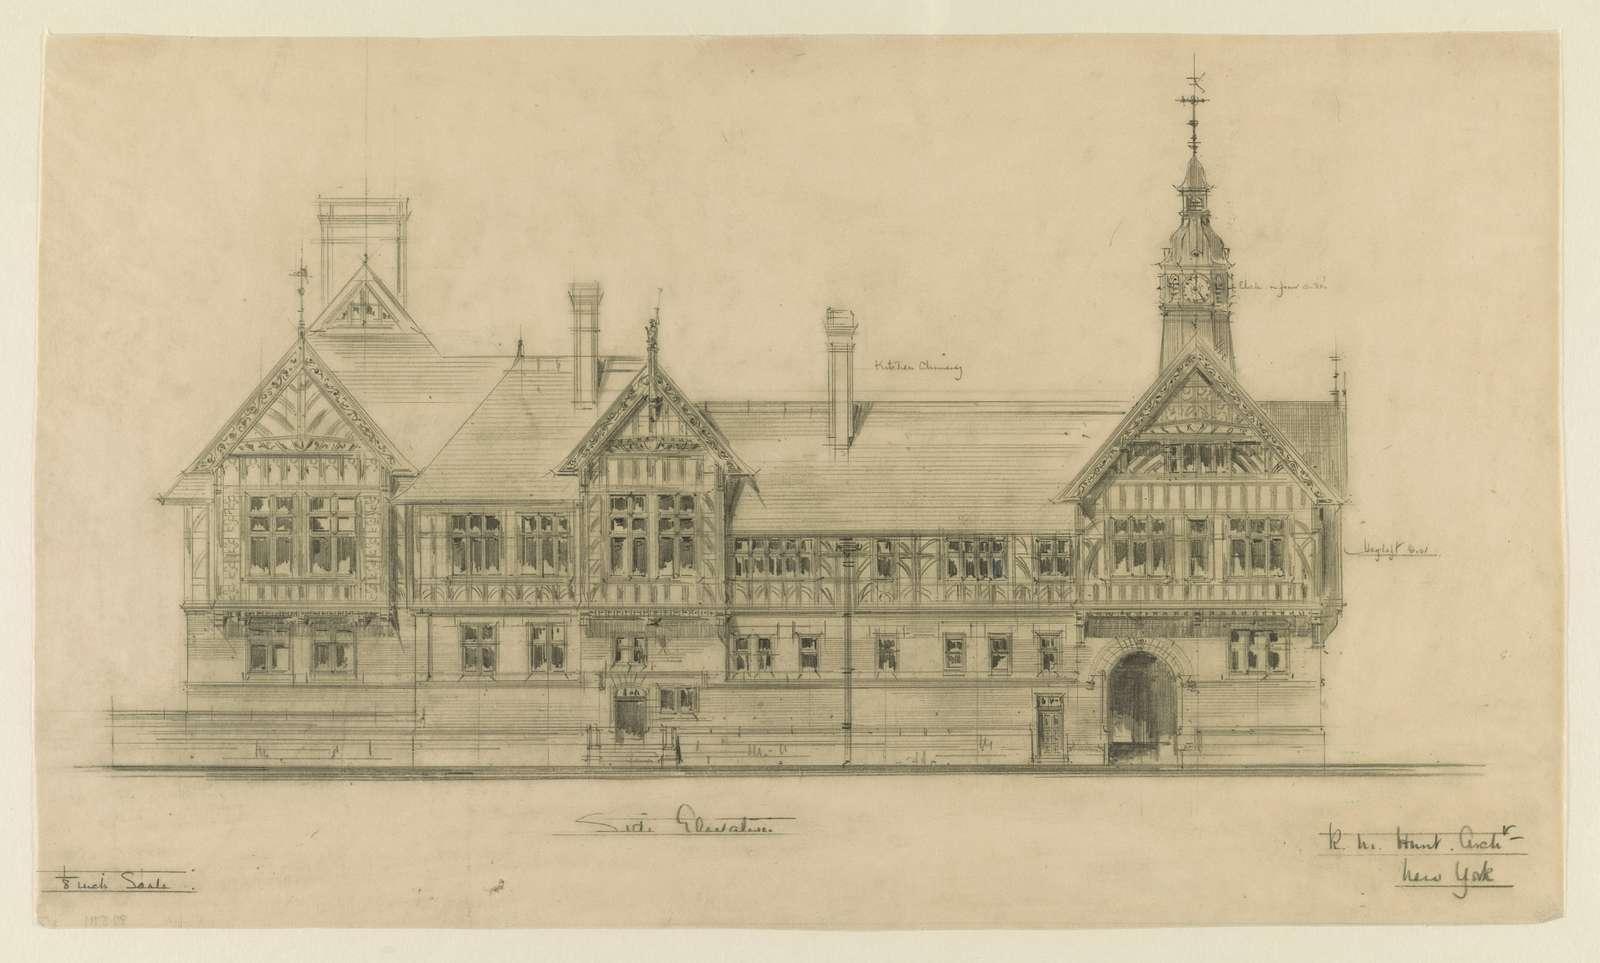 [Belcourt, summer estate for Oliver H.P. Belmont, Newport, R.I. Side elevation] / R.M. Hunt archt.